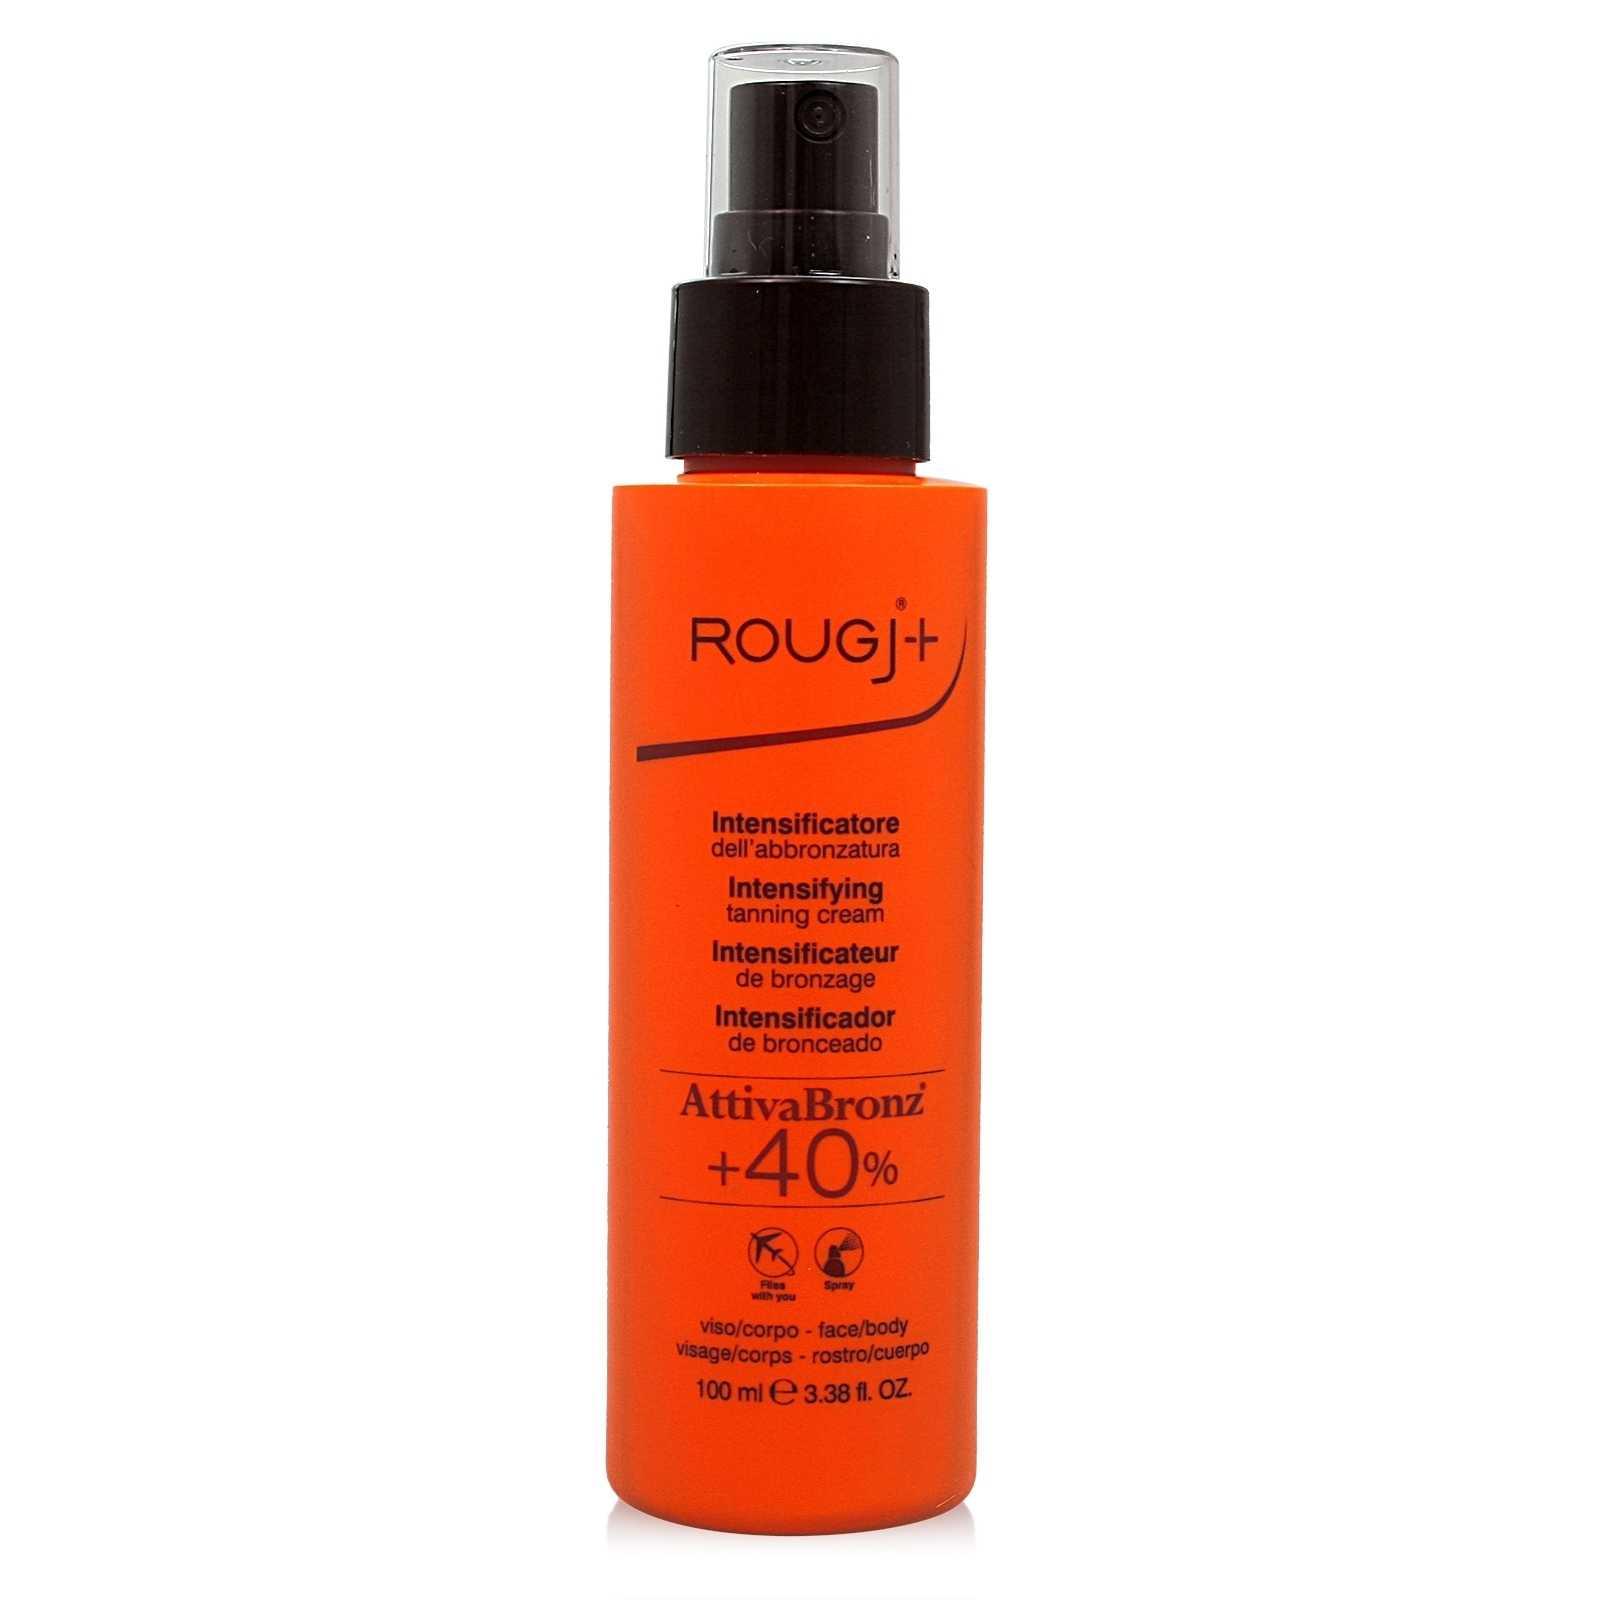 Rougj - AttivaBronz - Spray intensificatore dell'abbronzatura